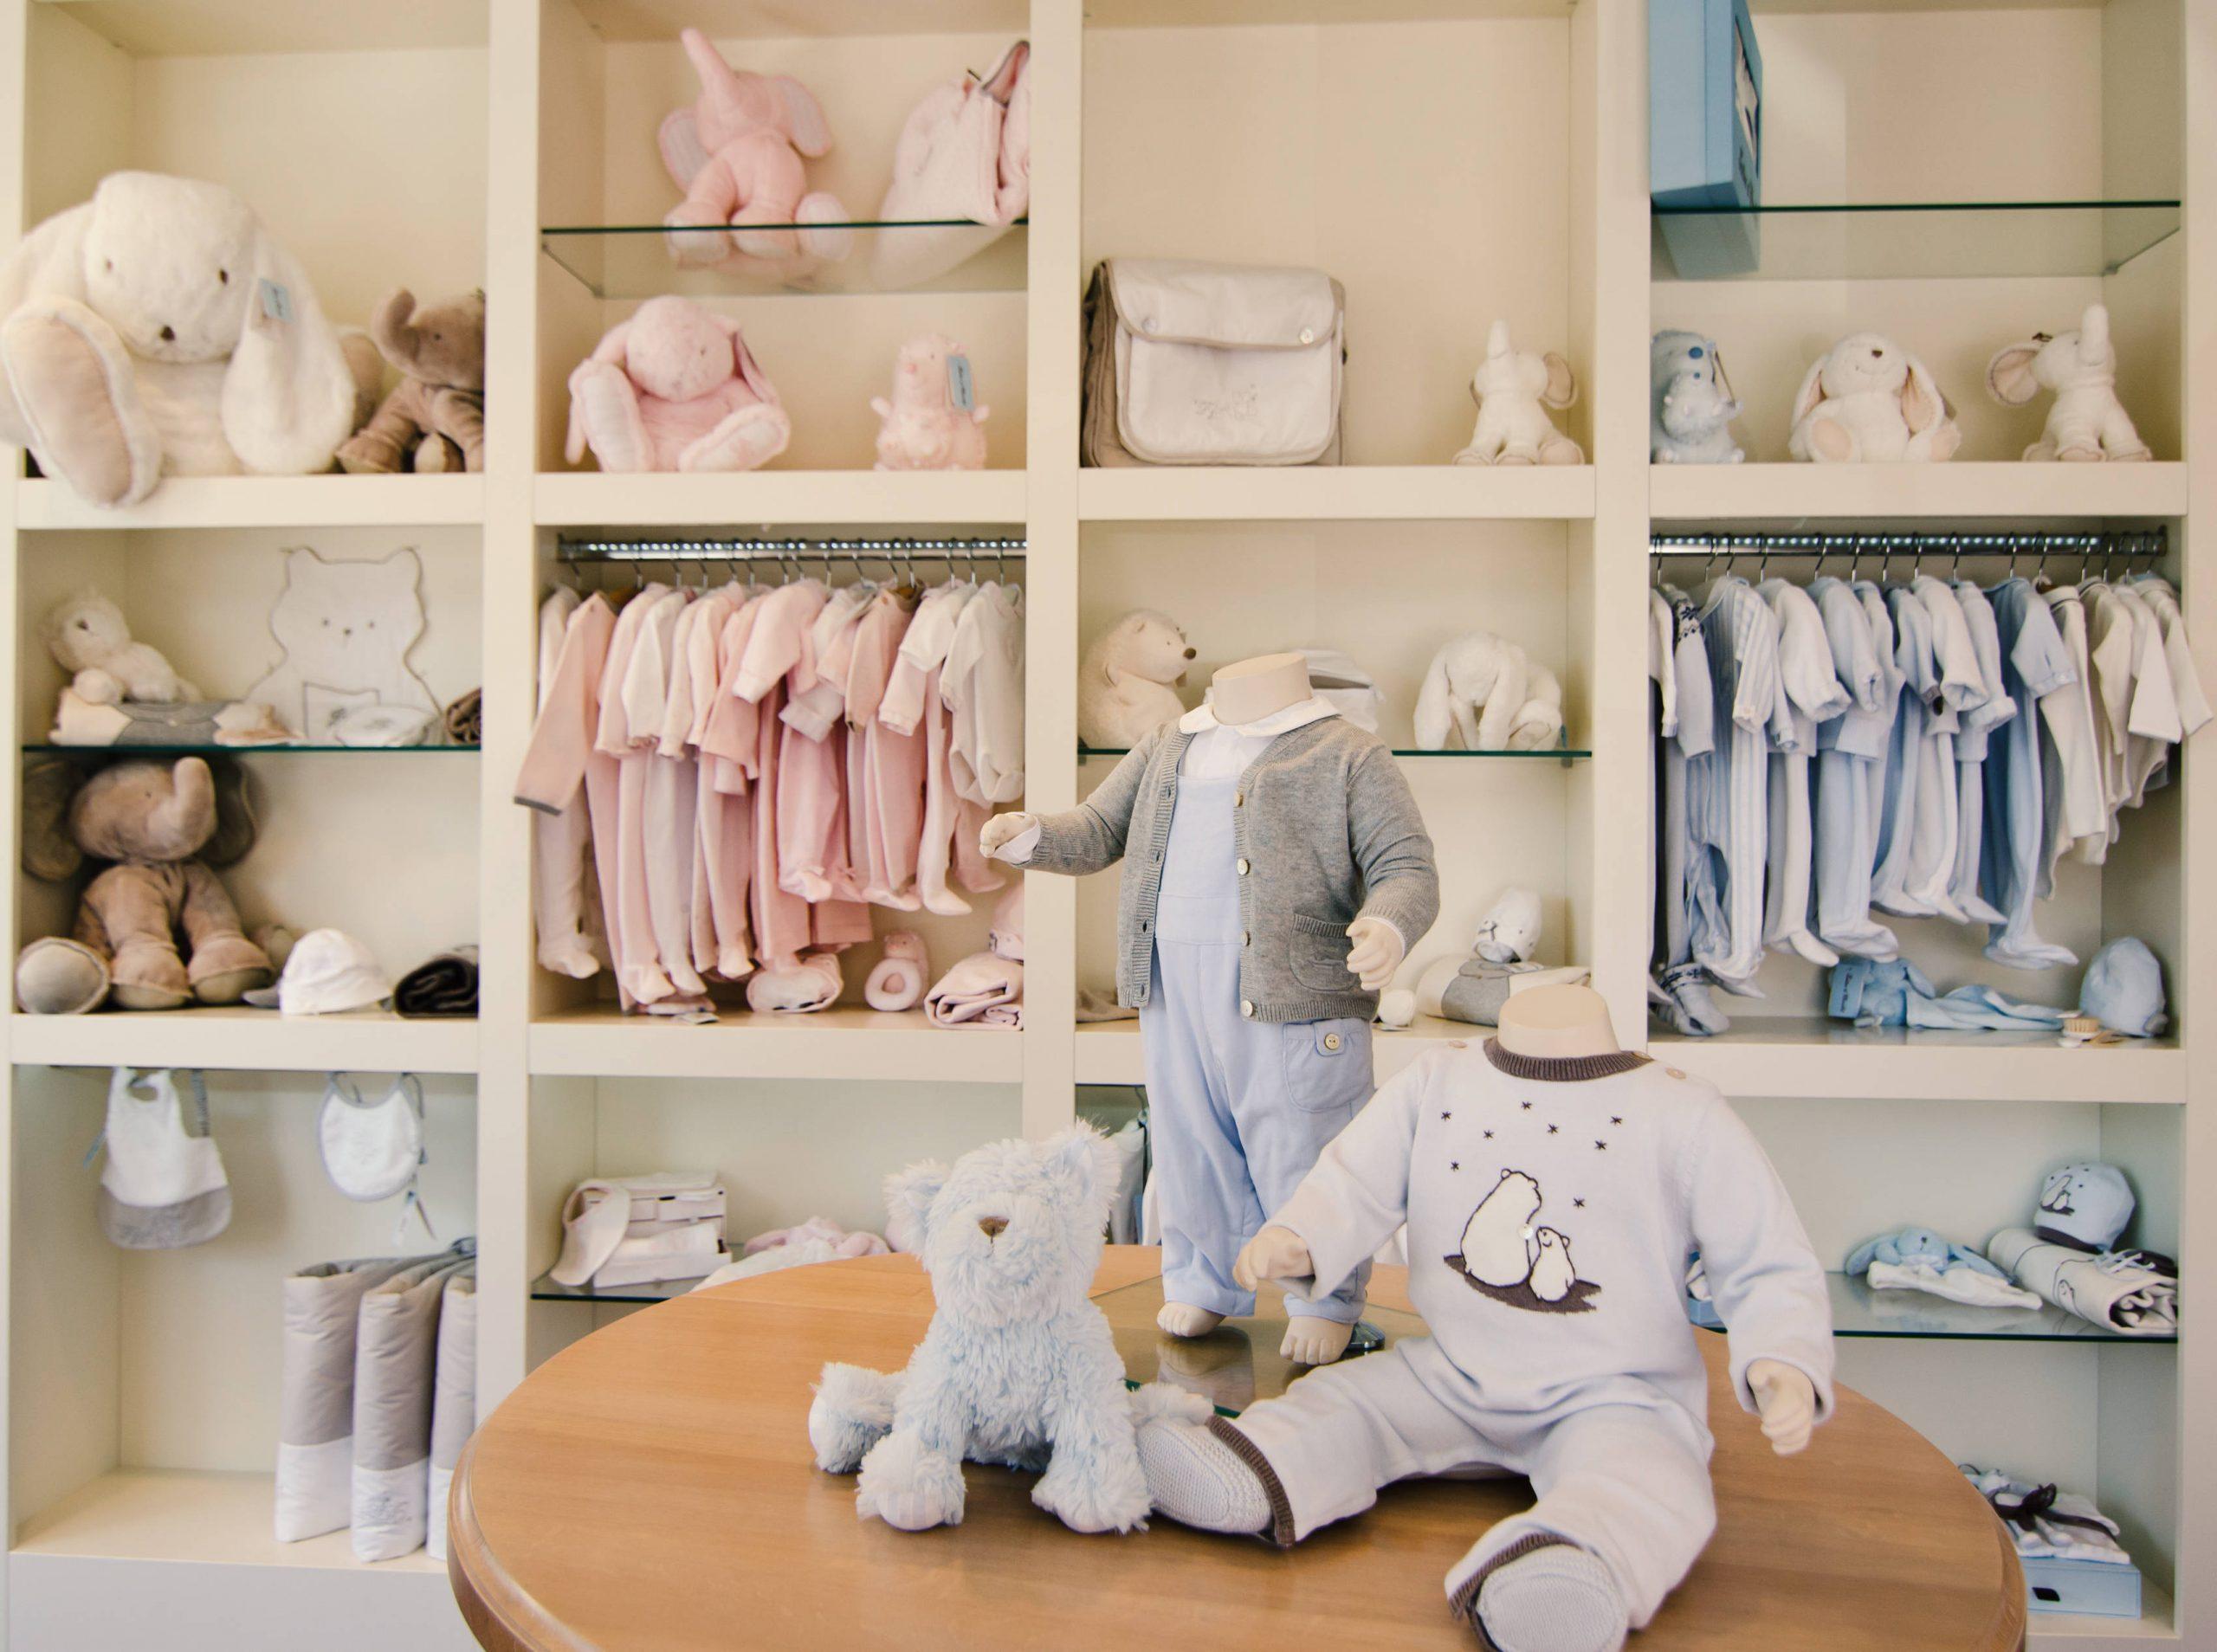 Cómo montar una tienda de ropa para niños